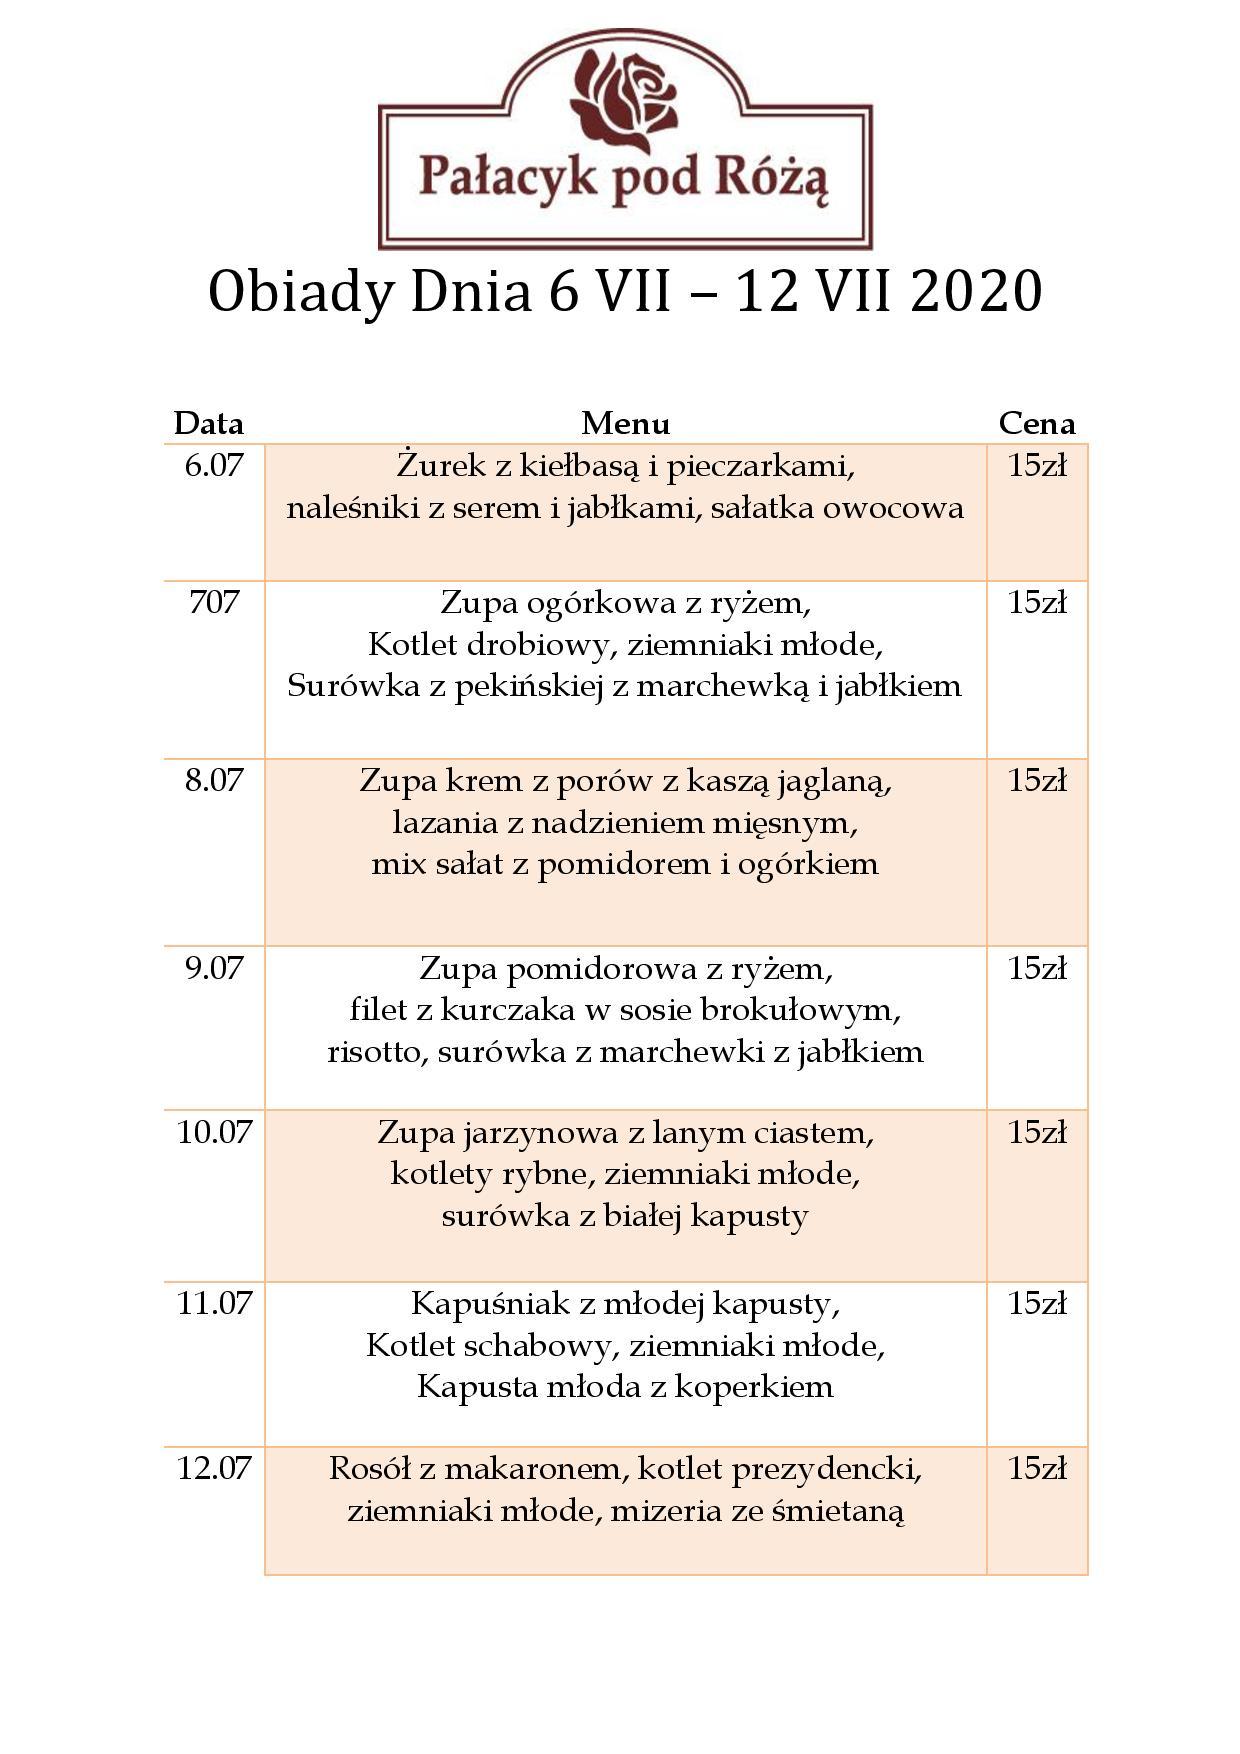 Obiady Dnia 6 VII – 12 VII 2020